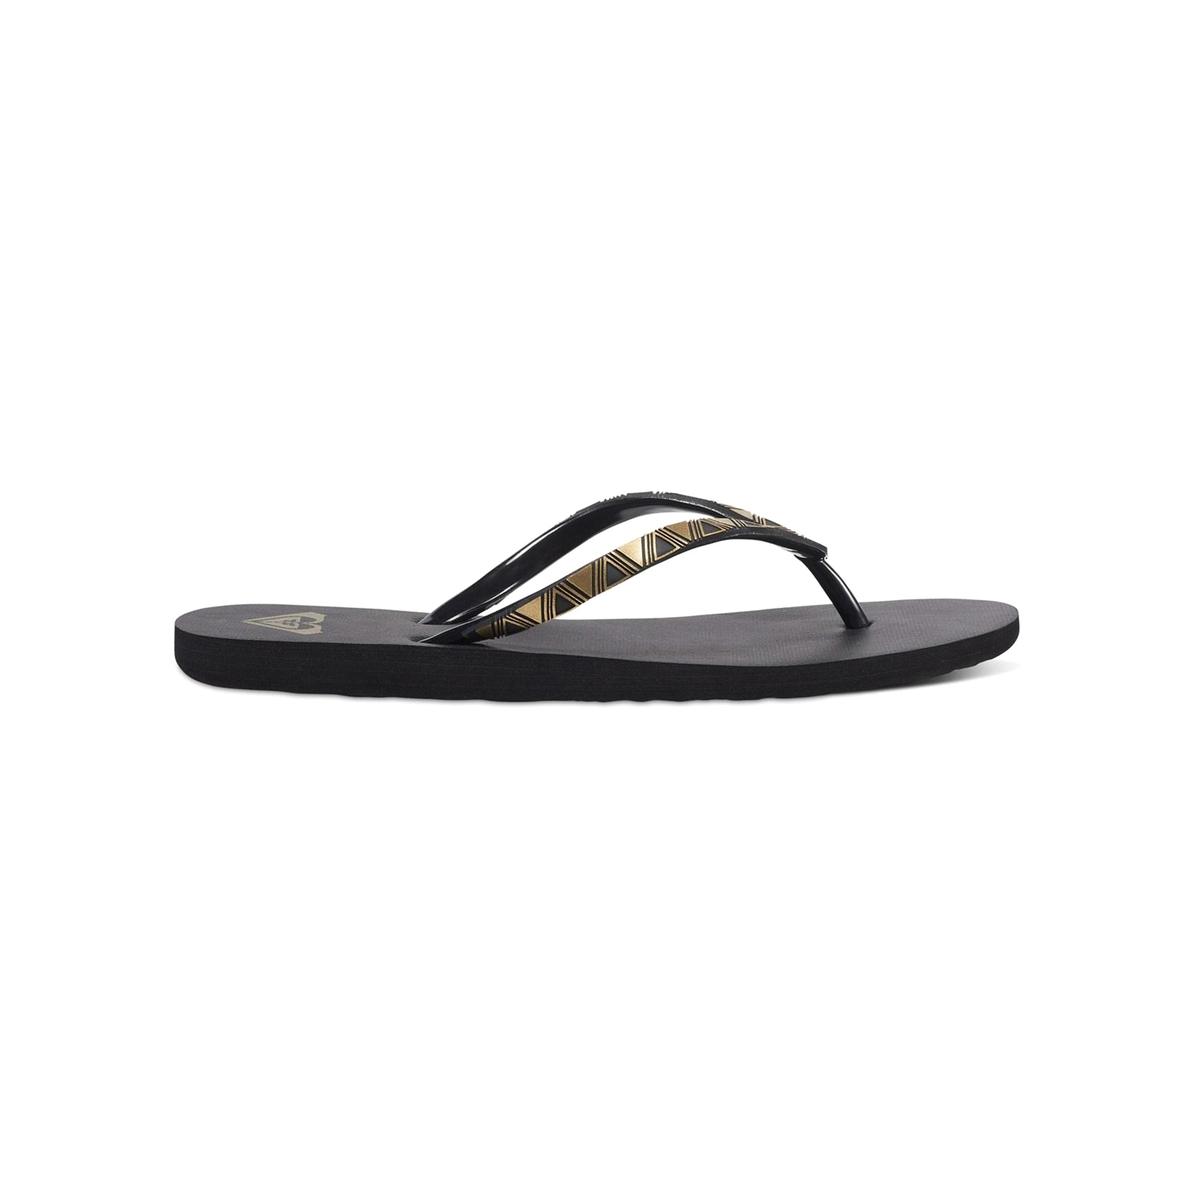 Вьетнамки Bermuda MoldedВерх : синтетика   Подошва : каучук   Форма каблука : плоский каблук   Мысок : открытый мысок   Застежка : без застежки<br><br>Цвет: черный<br>Размер: 36